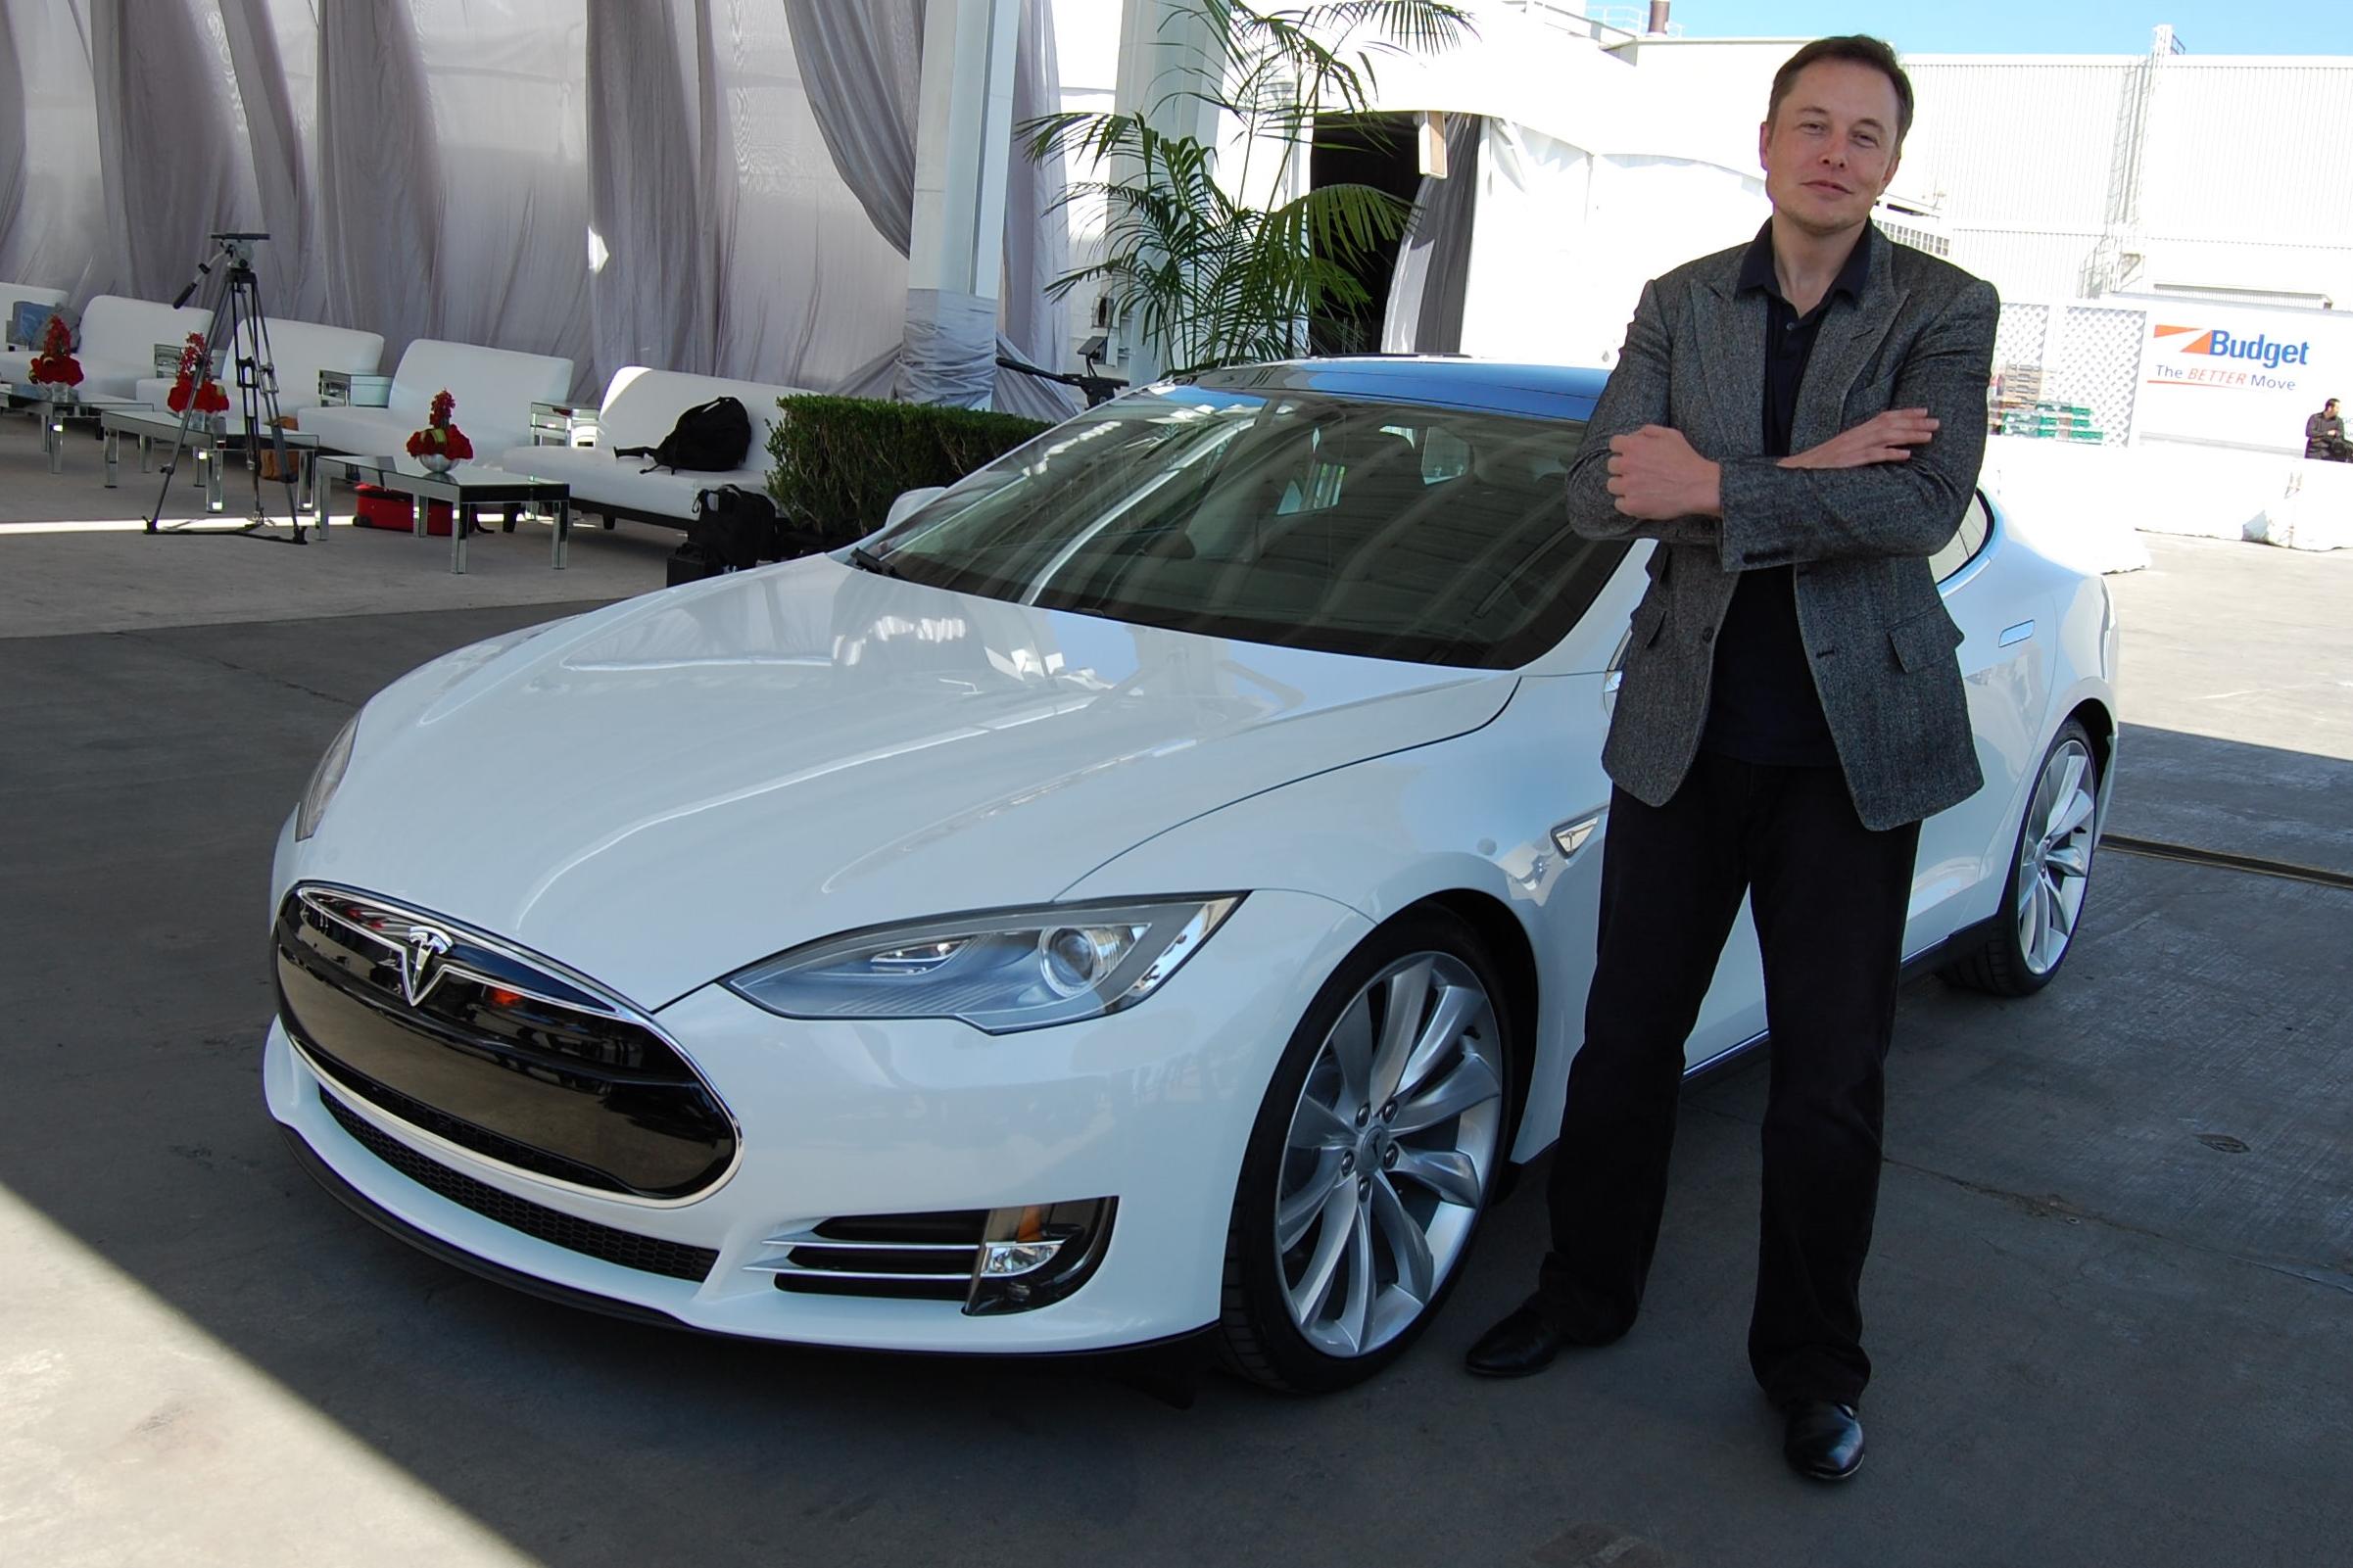 Imagem de Elon Musk diz que Autopilot de seus carros é 'seguro, mas desagradável' no tecmundo